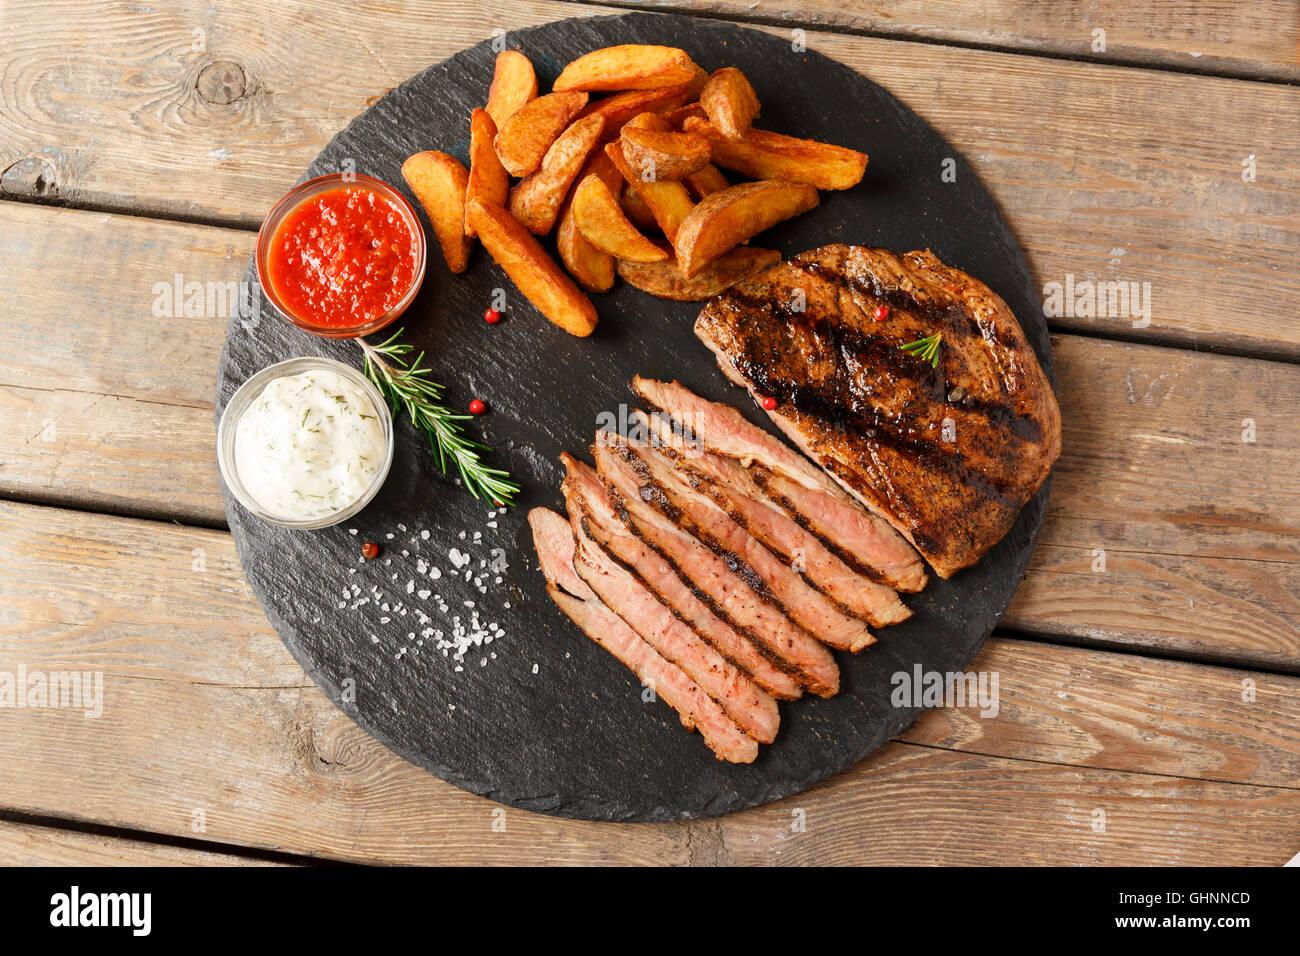 Pavé de boeuf en tranches avec pomme de terre au four et sauce Photo Stock